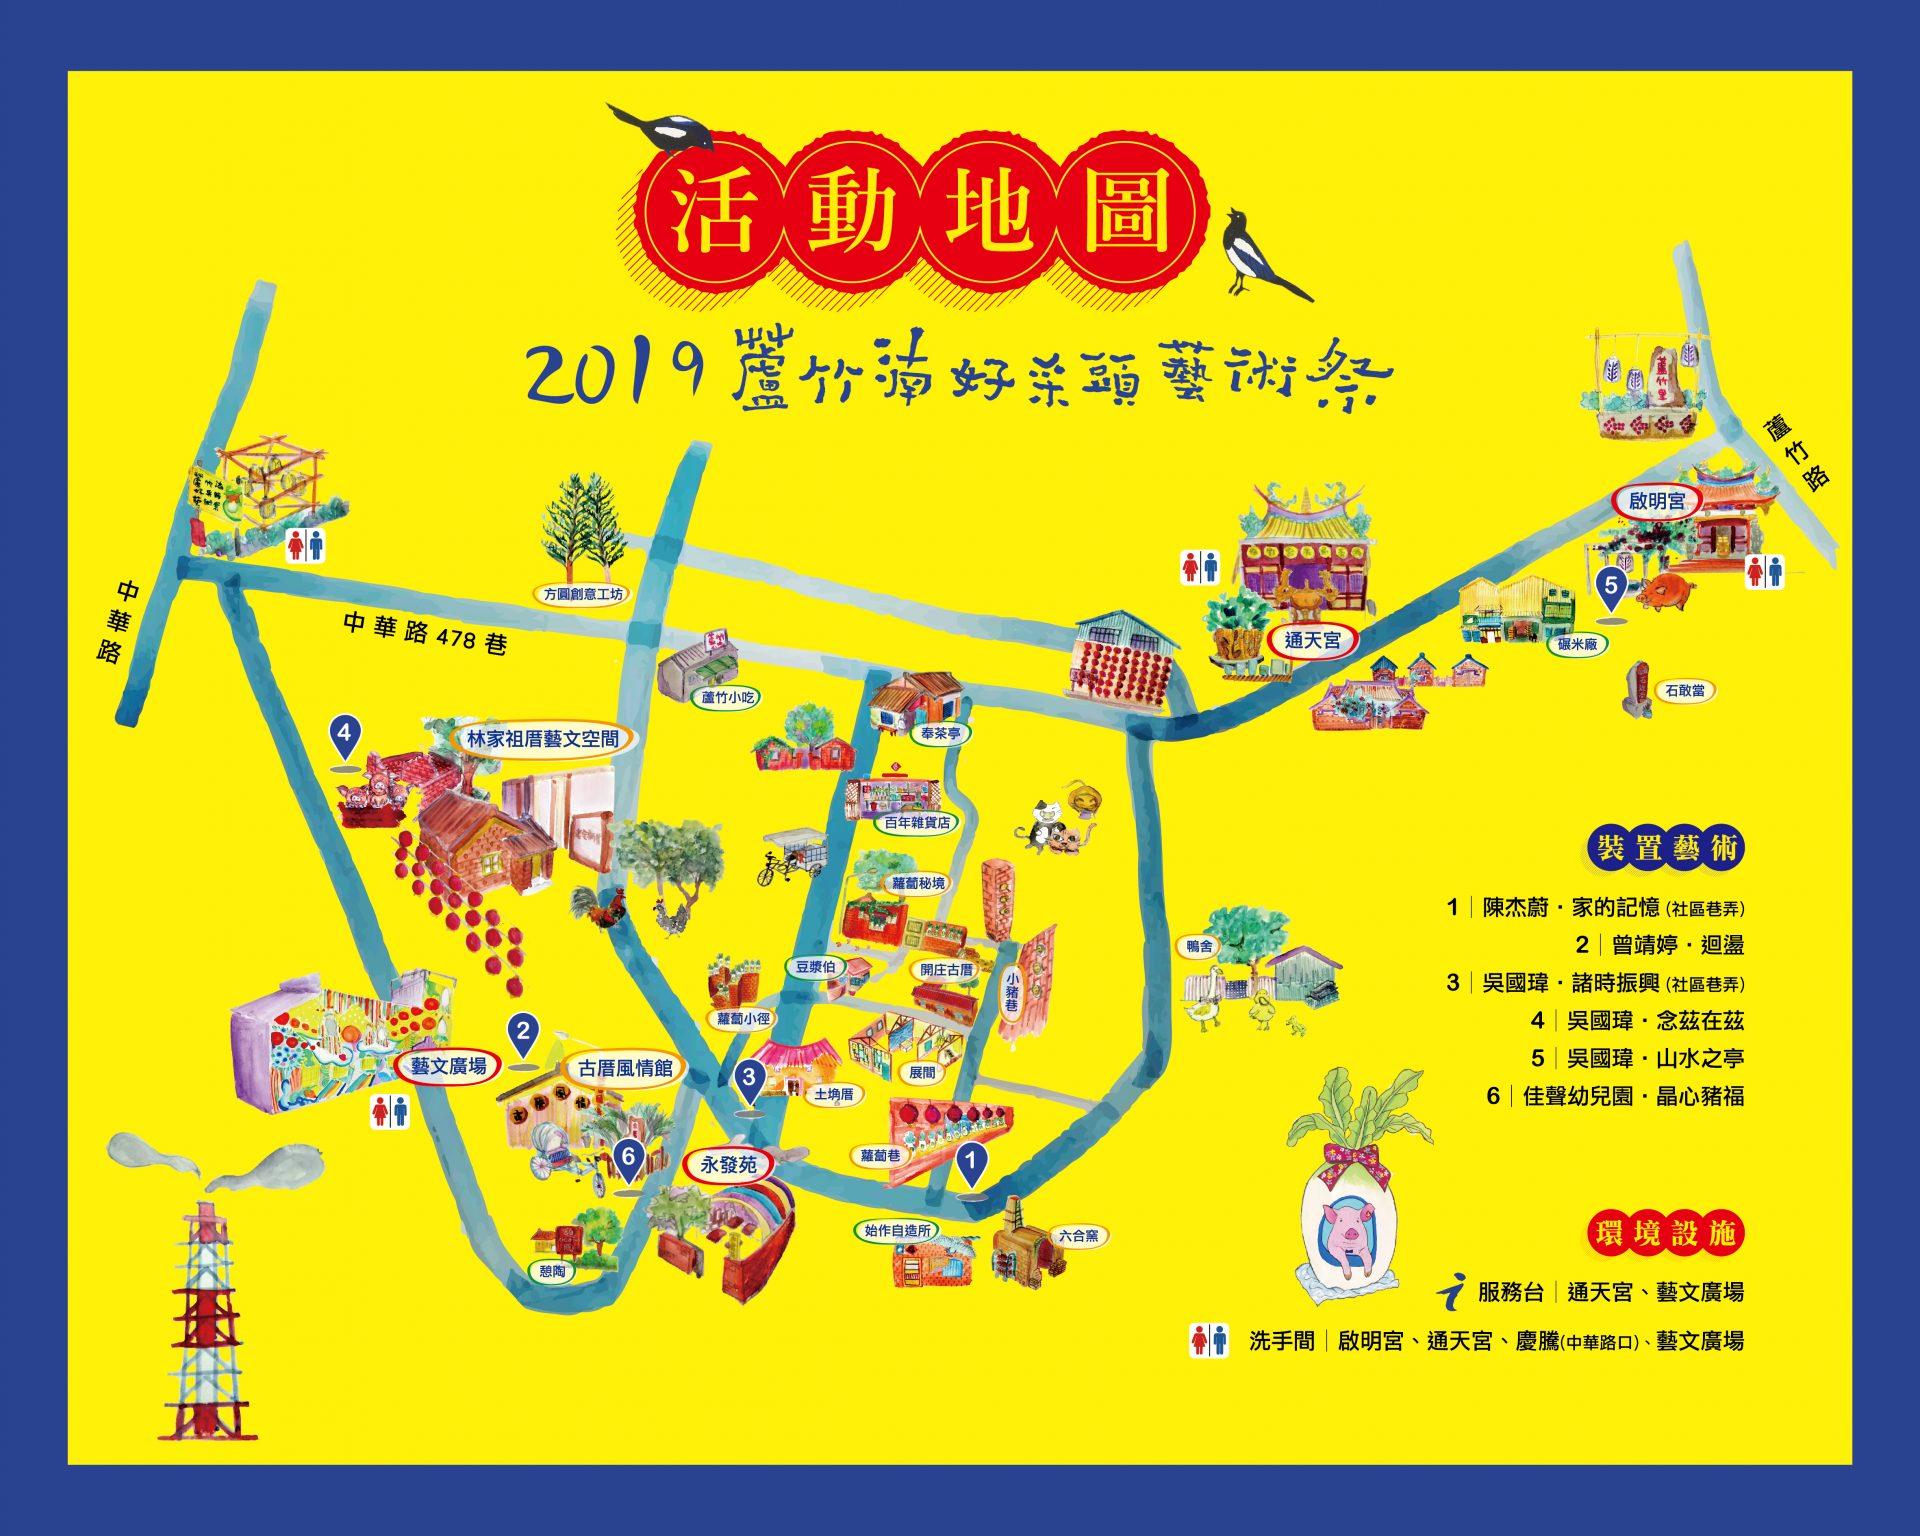 2019地圖輸出轉框-200x160-01